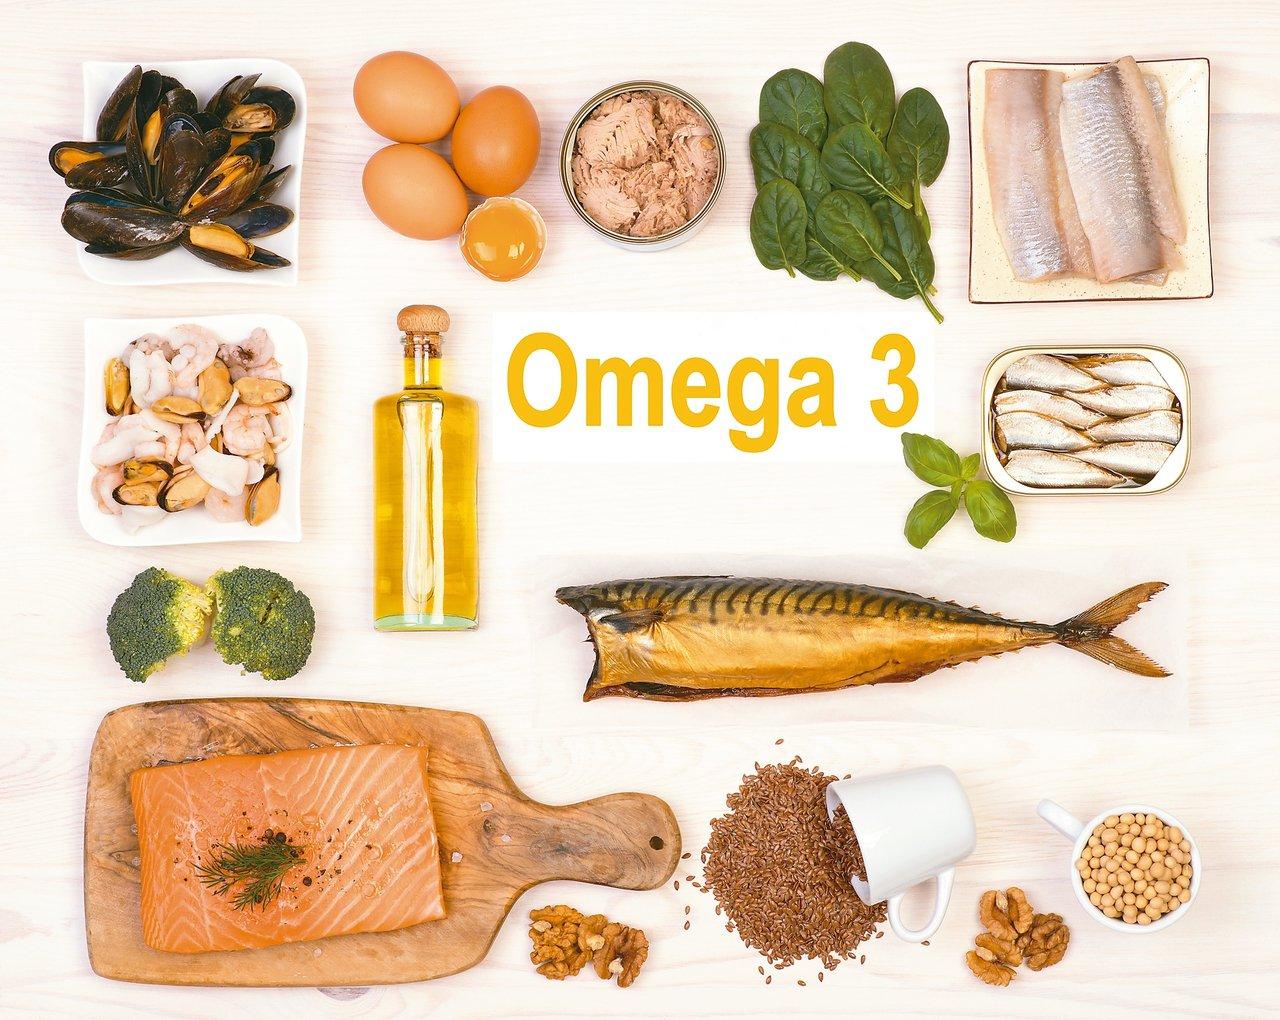 富含Omega-3脂肪酸的食物,鮭魚、鮪魚、鱈魚、鯖魚等魚類來源優於植物。 圖/...